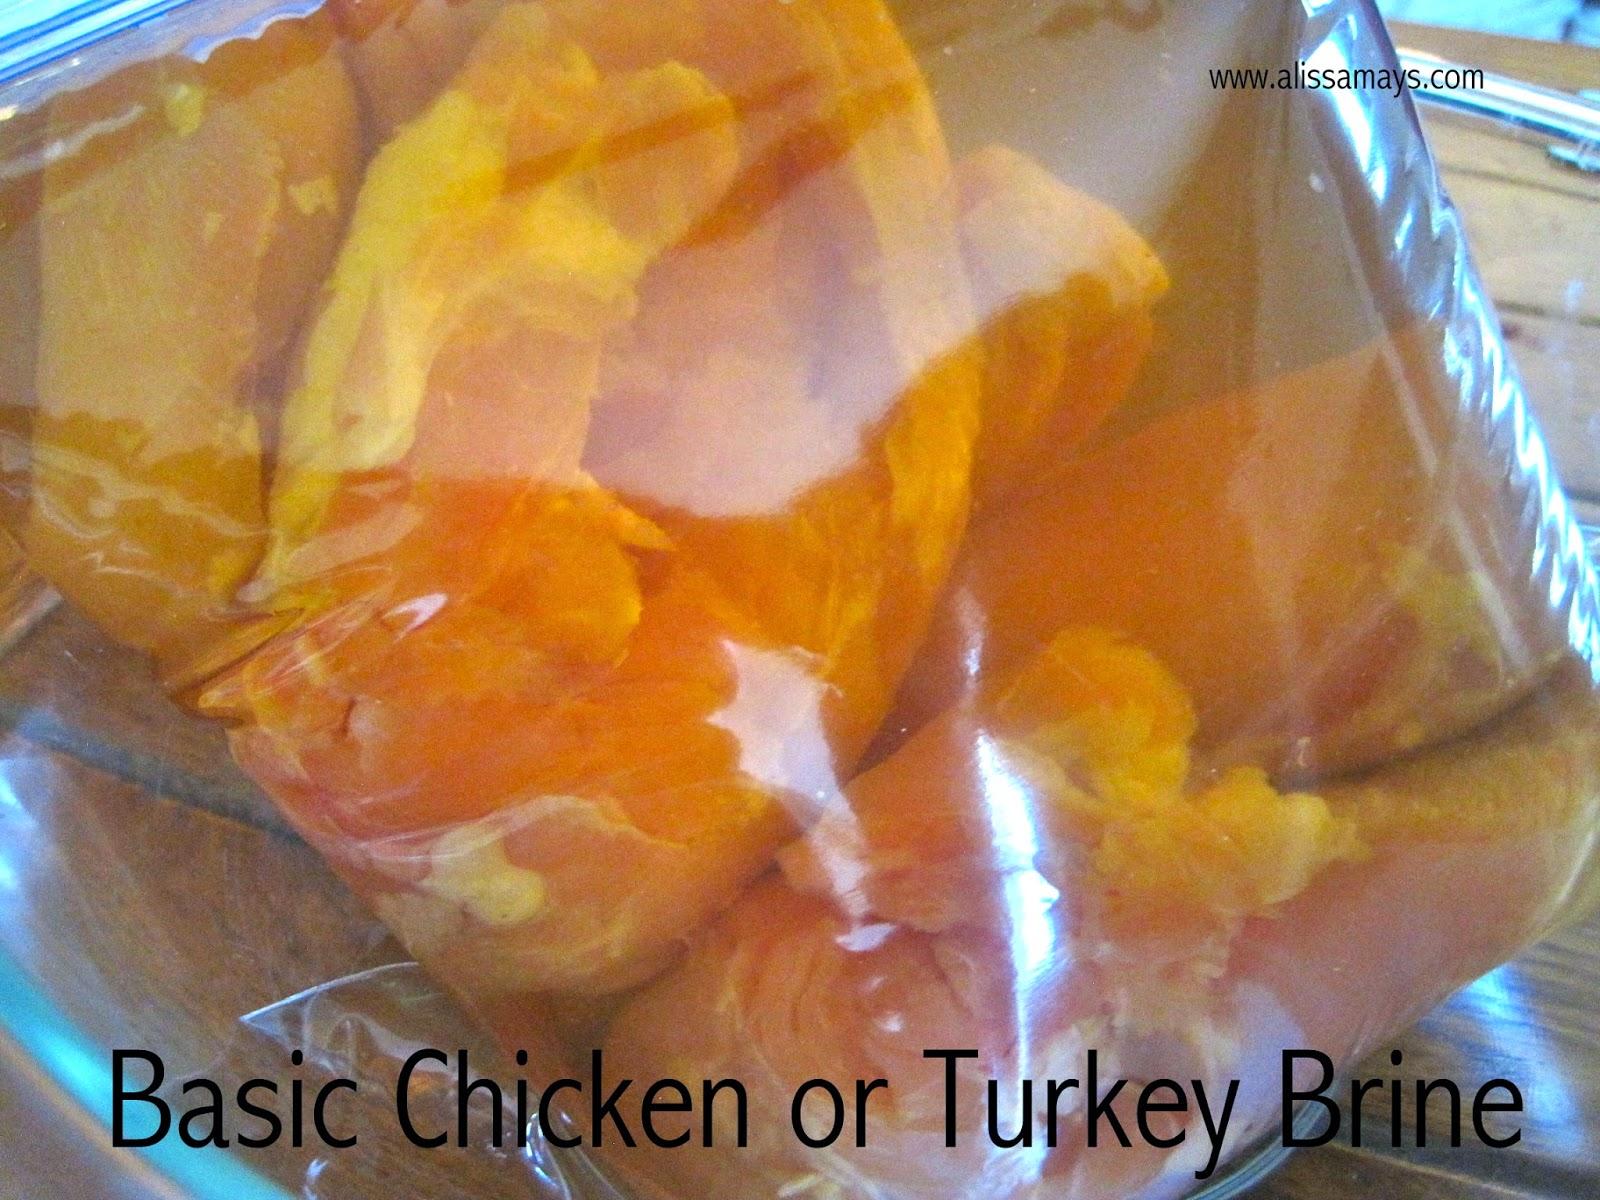 Basic Chicken or Turkey Brine